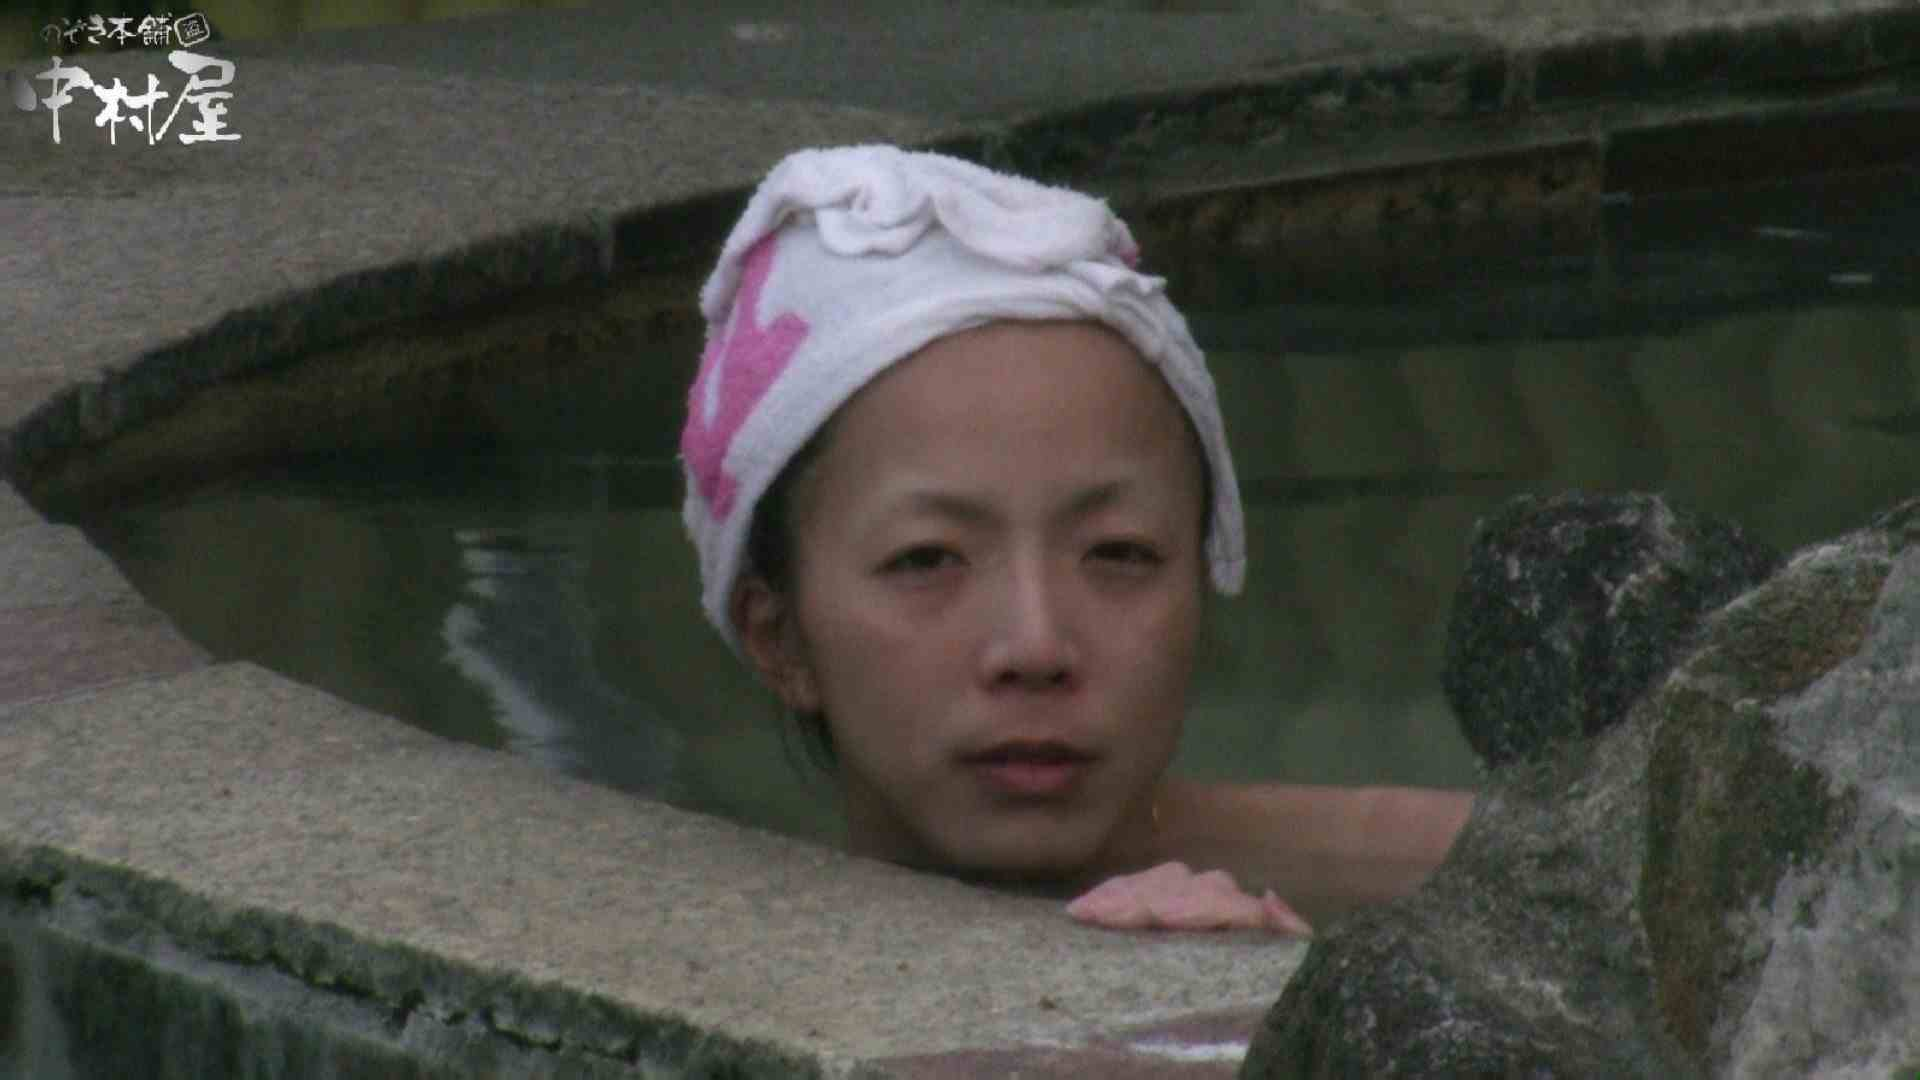 Aquaな露天風呂Vol.929 盗撮シリーズ  94PIX 80